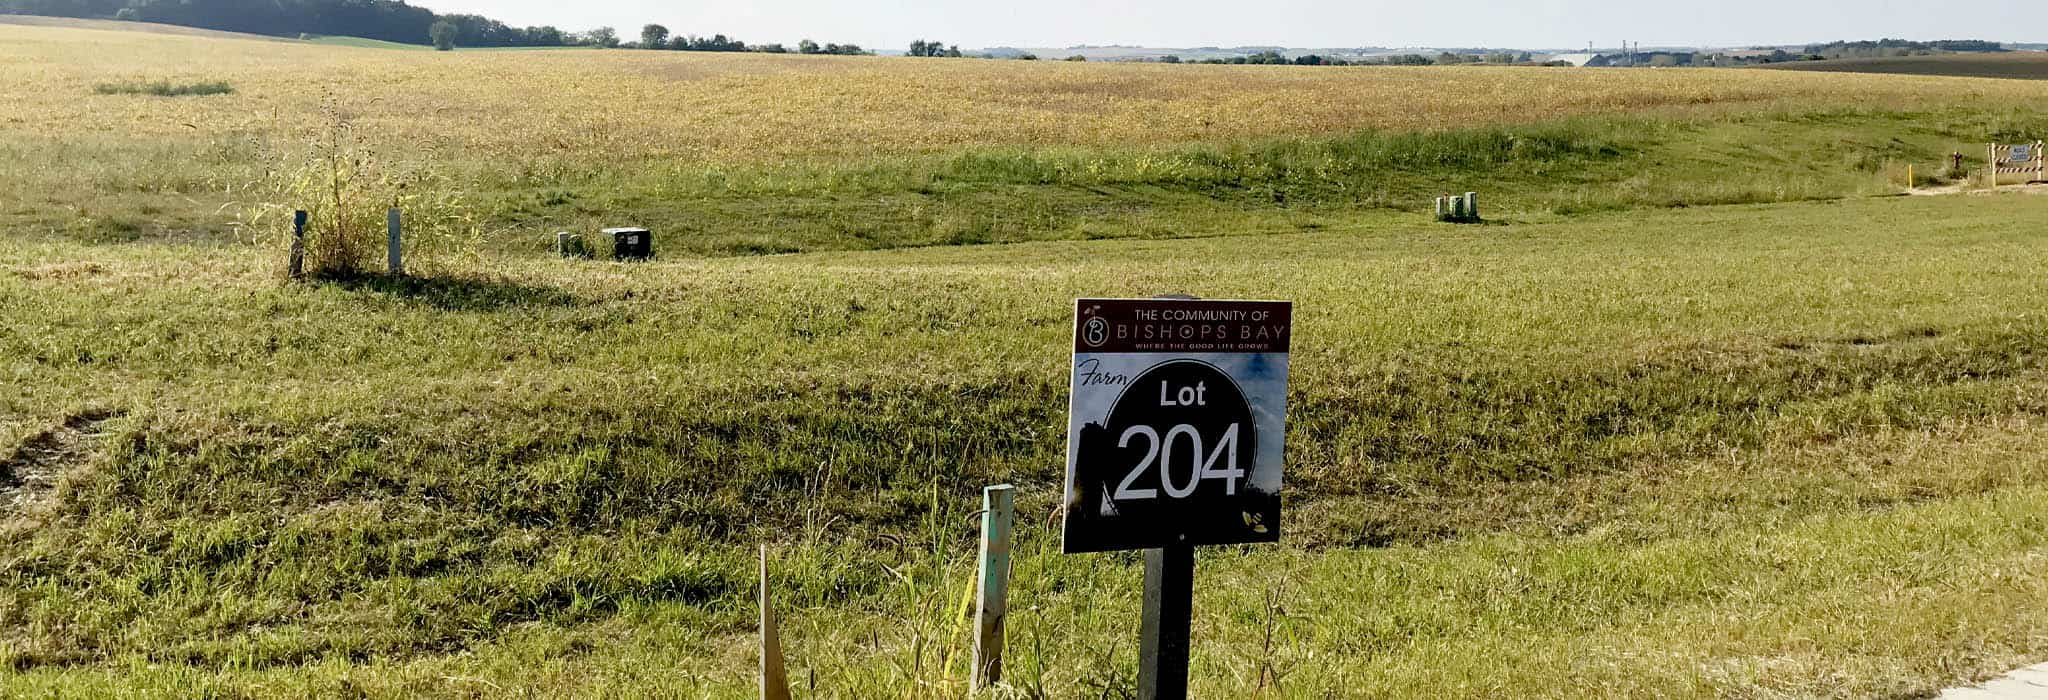 Farm Lot 204